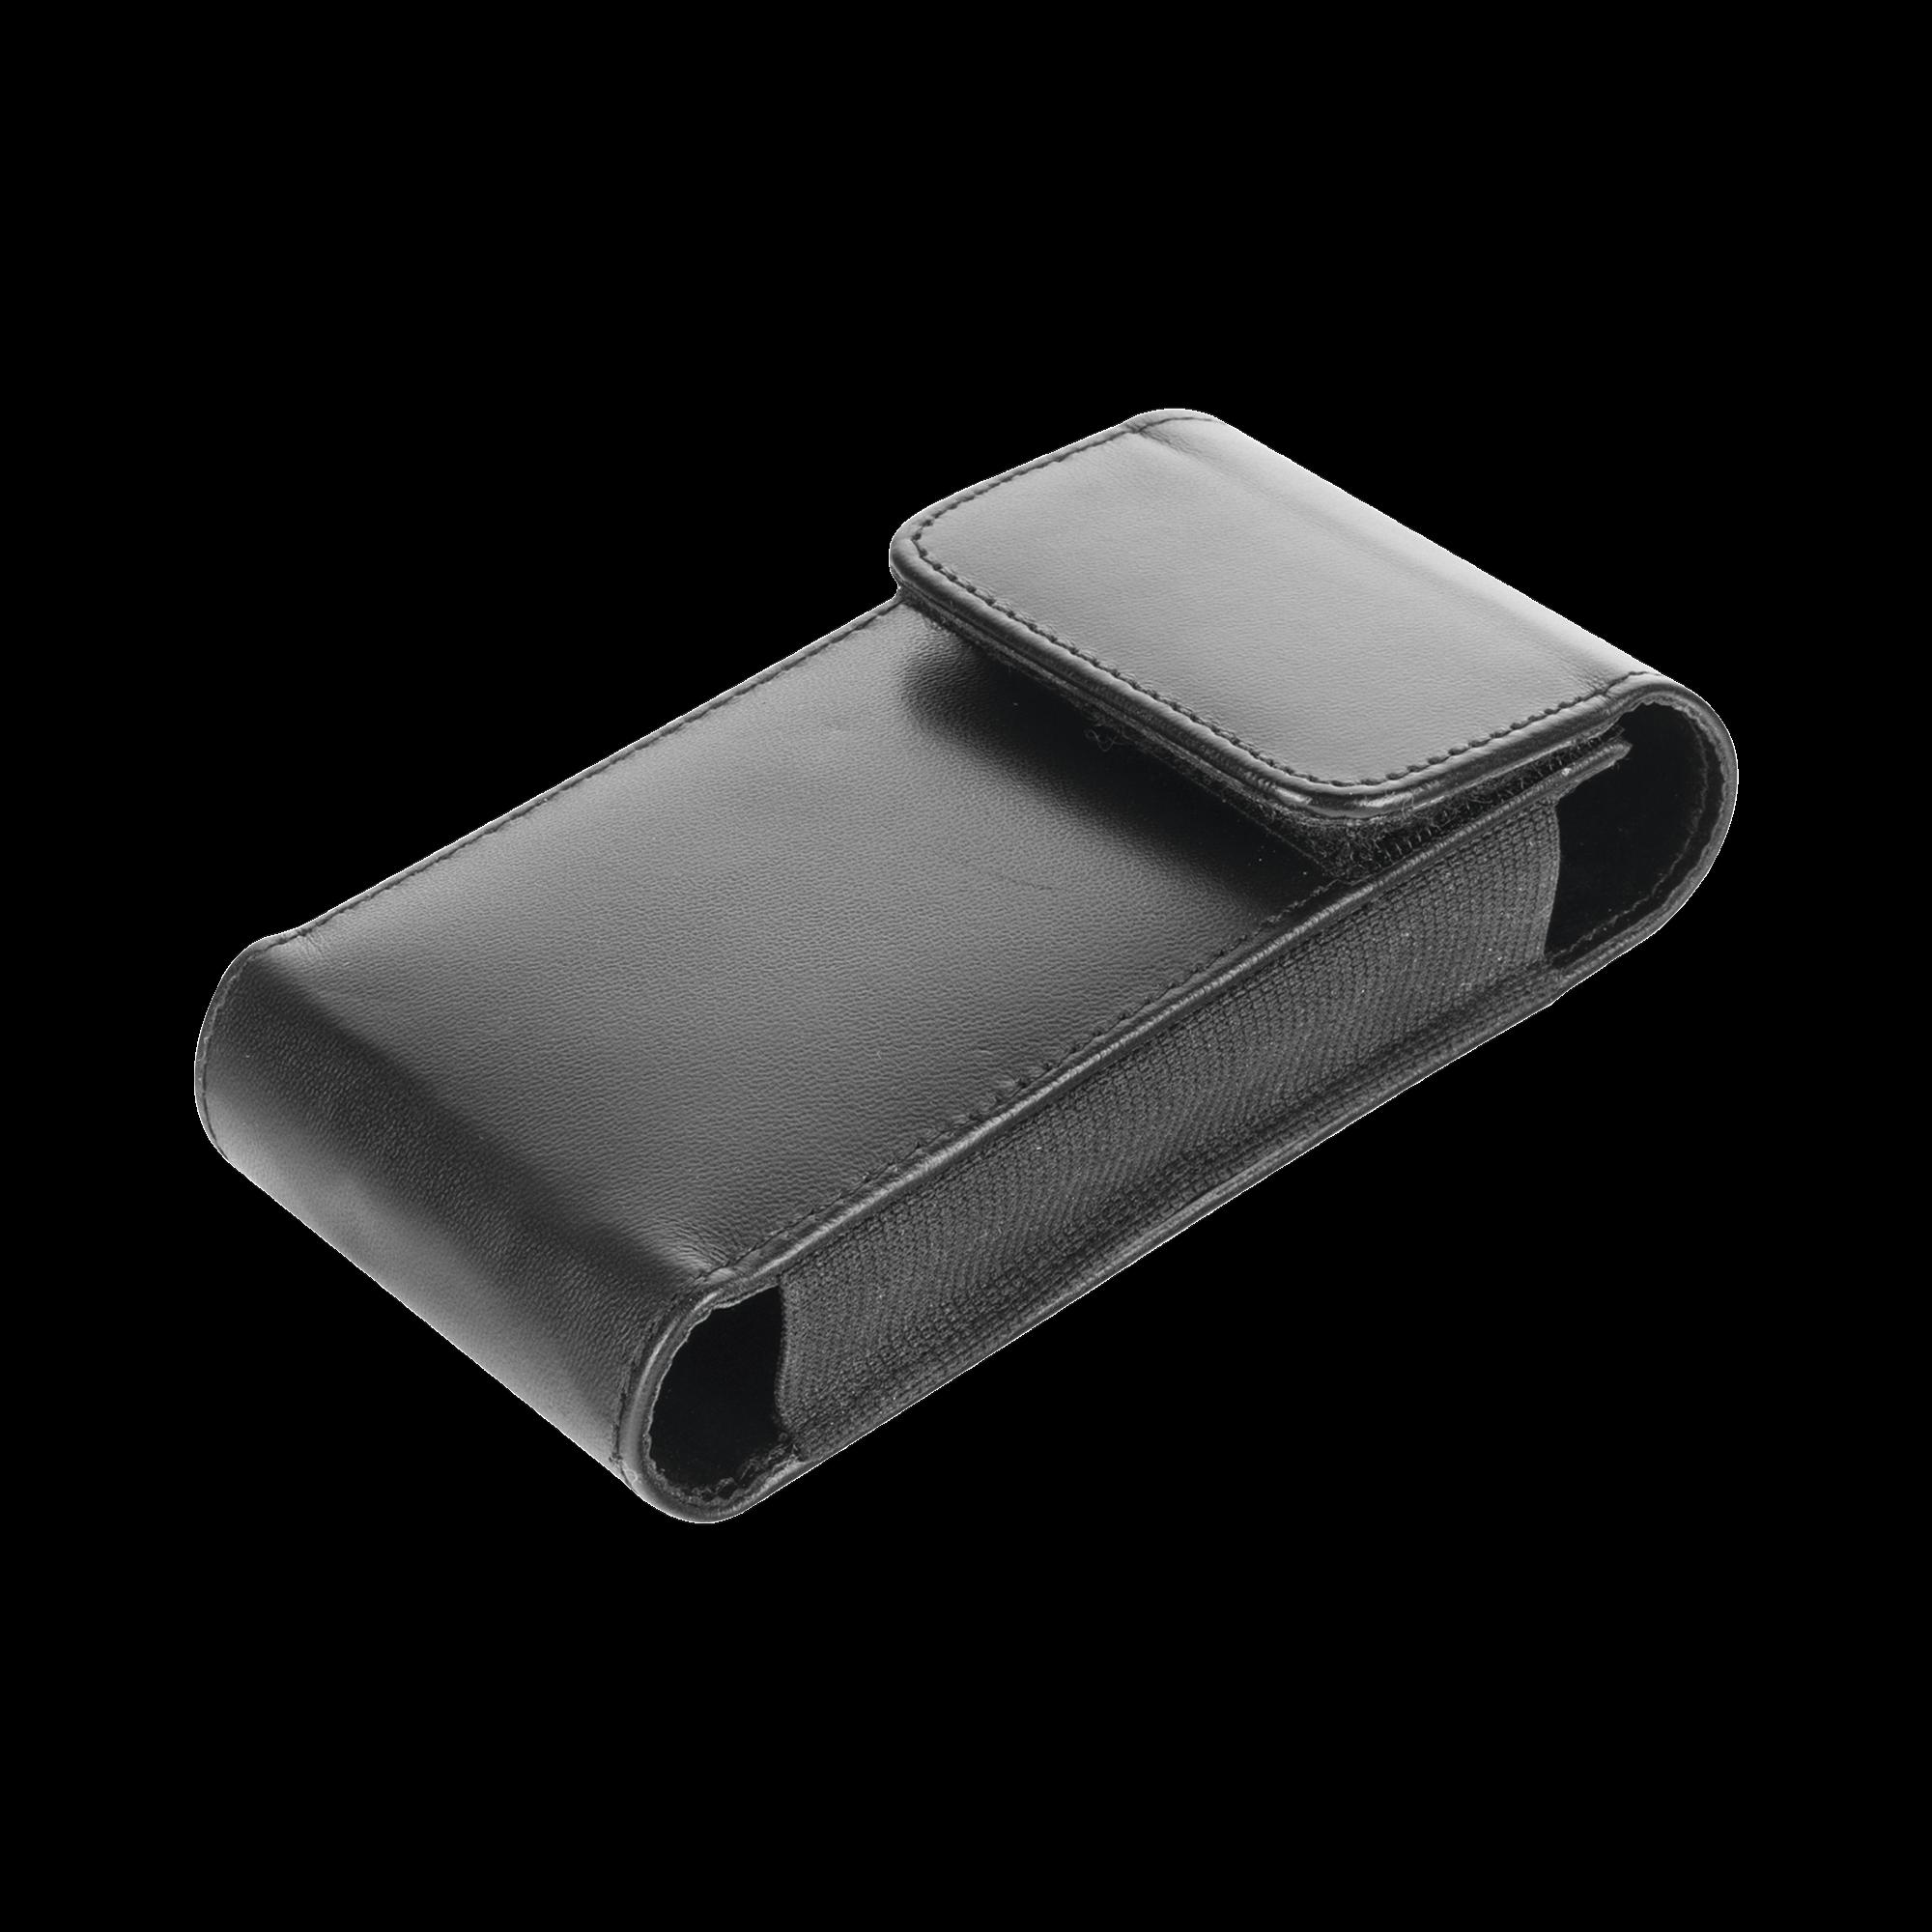 Funda Reforzada de Piel para el Radio Smartphone KWSA-50K.